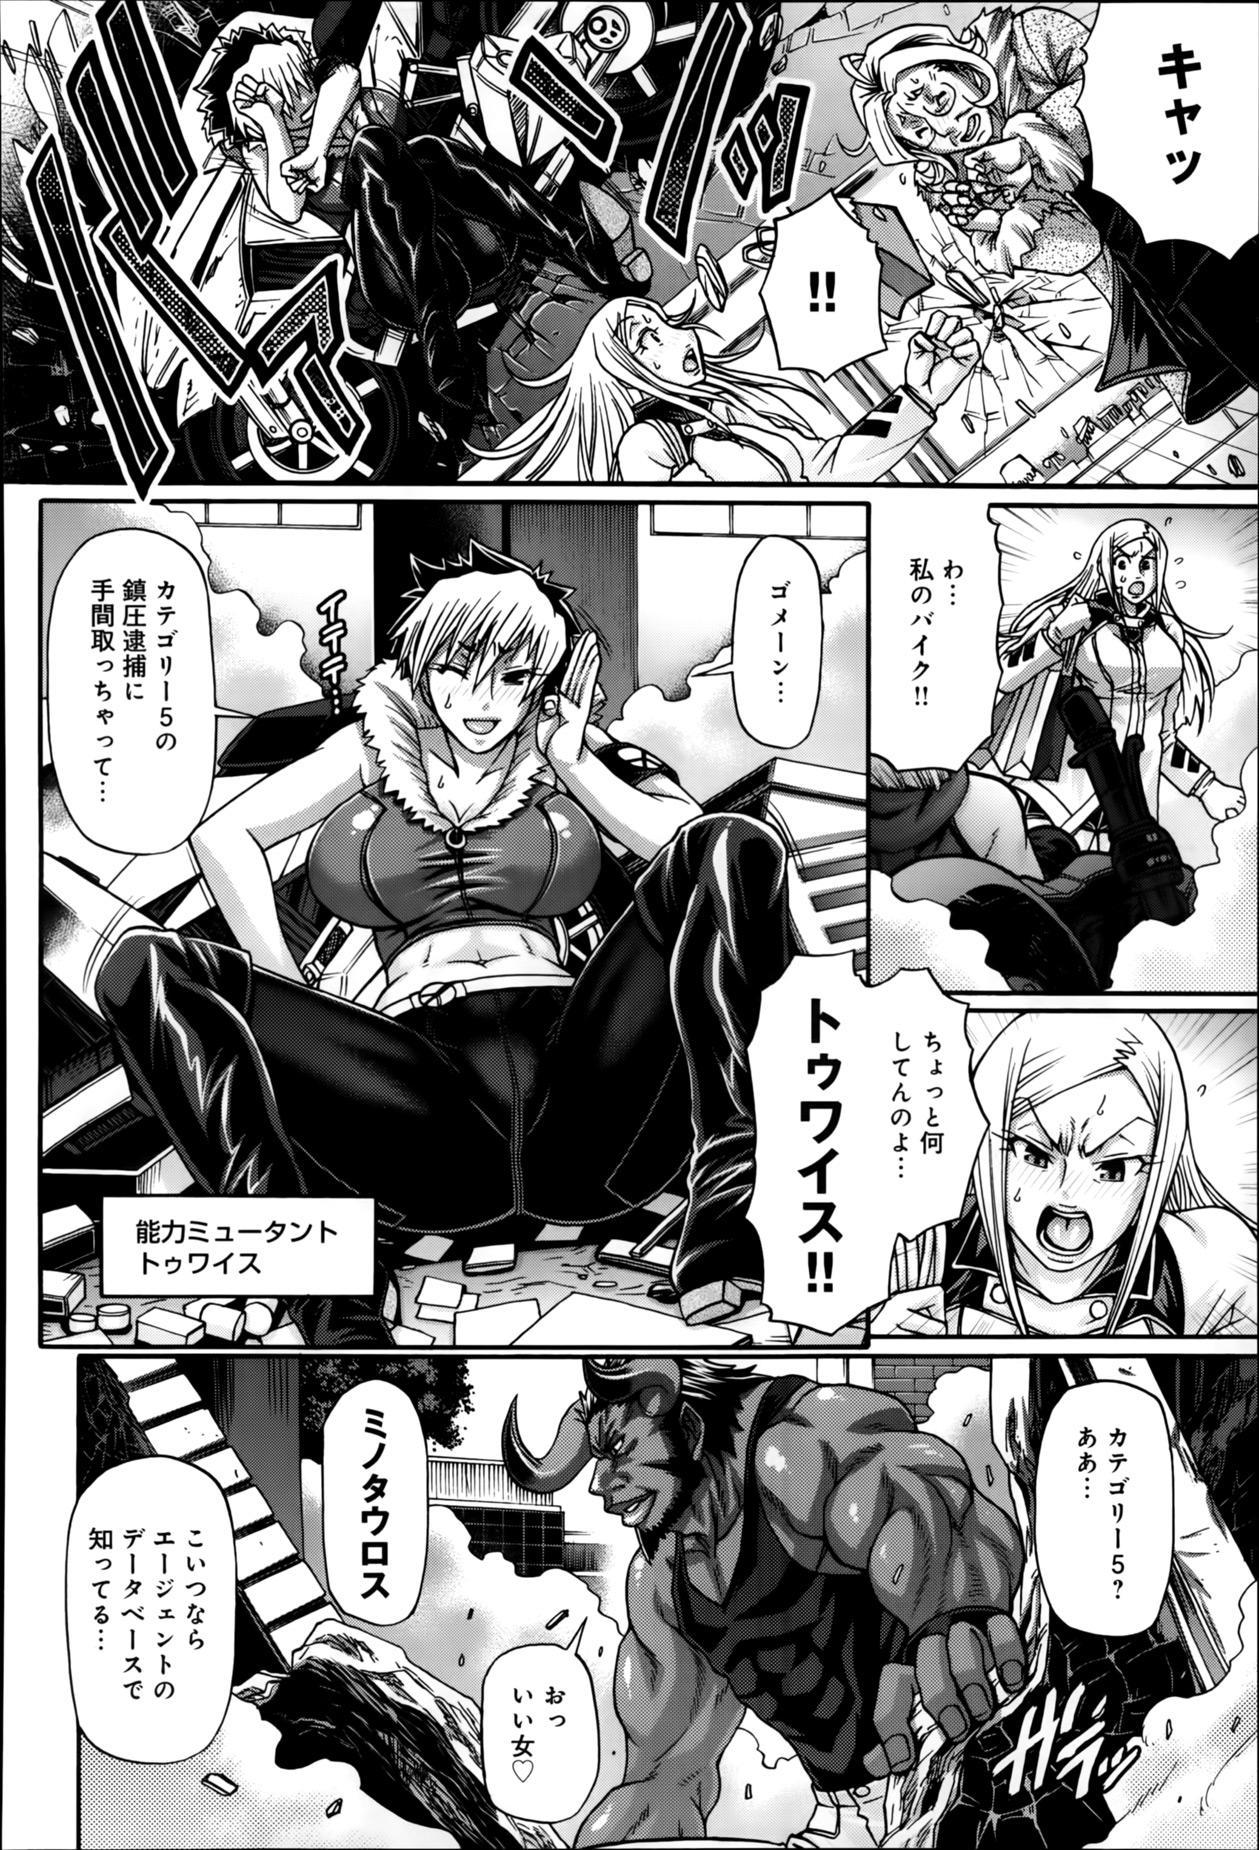 Comic Anthurium 009 2014-01 134